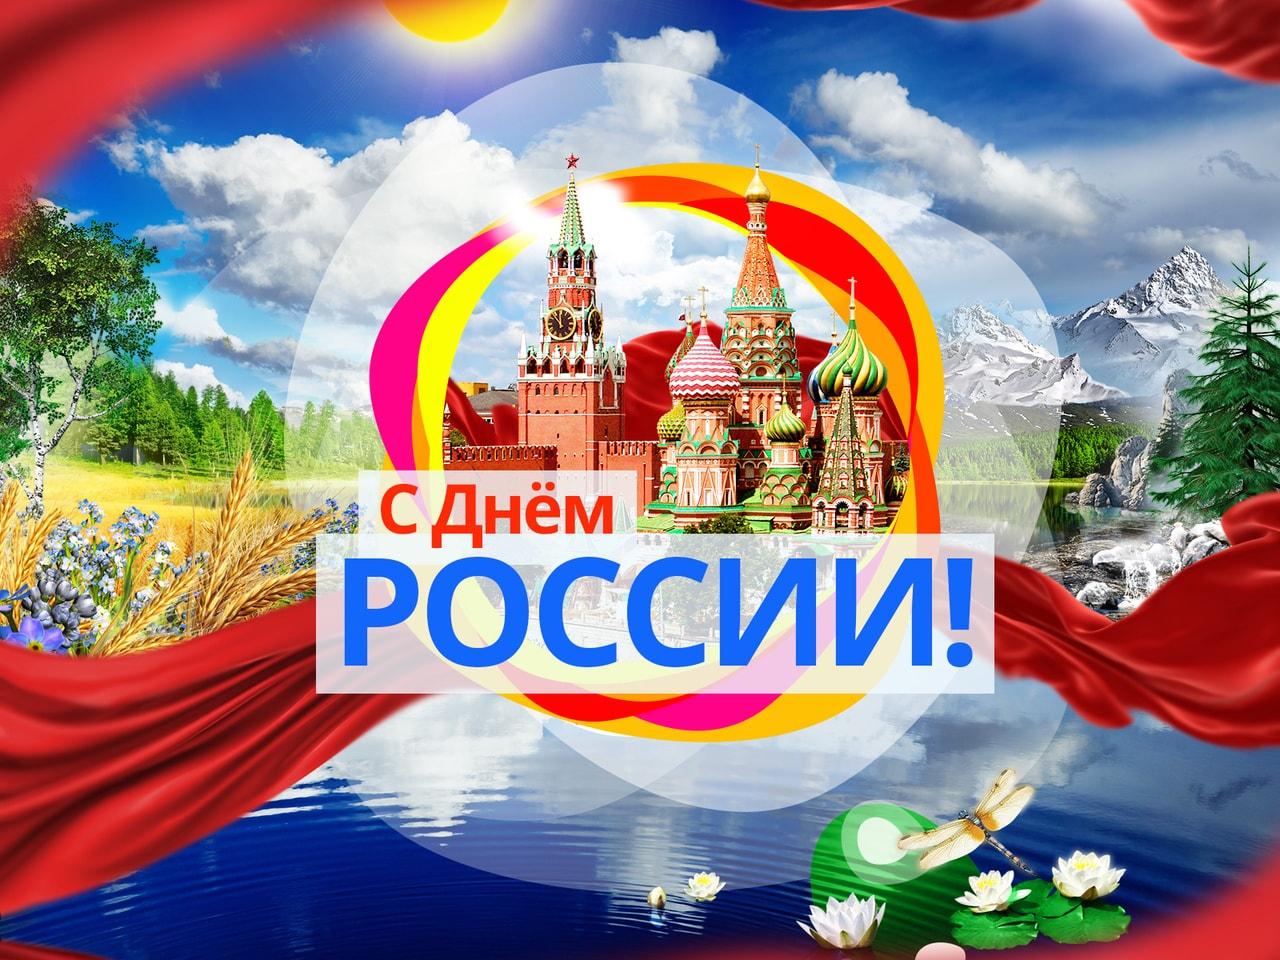 Кузнецкий, праздник день россии картинки